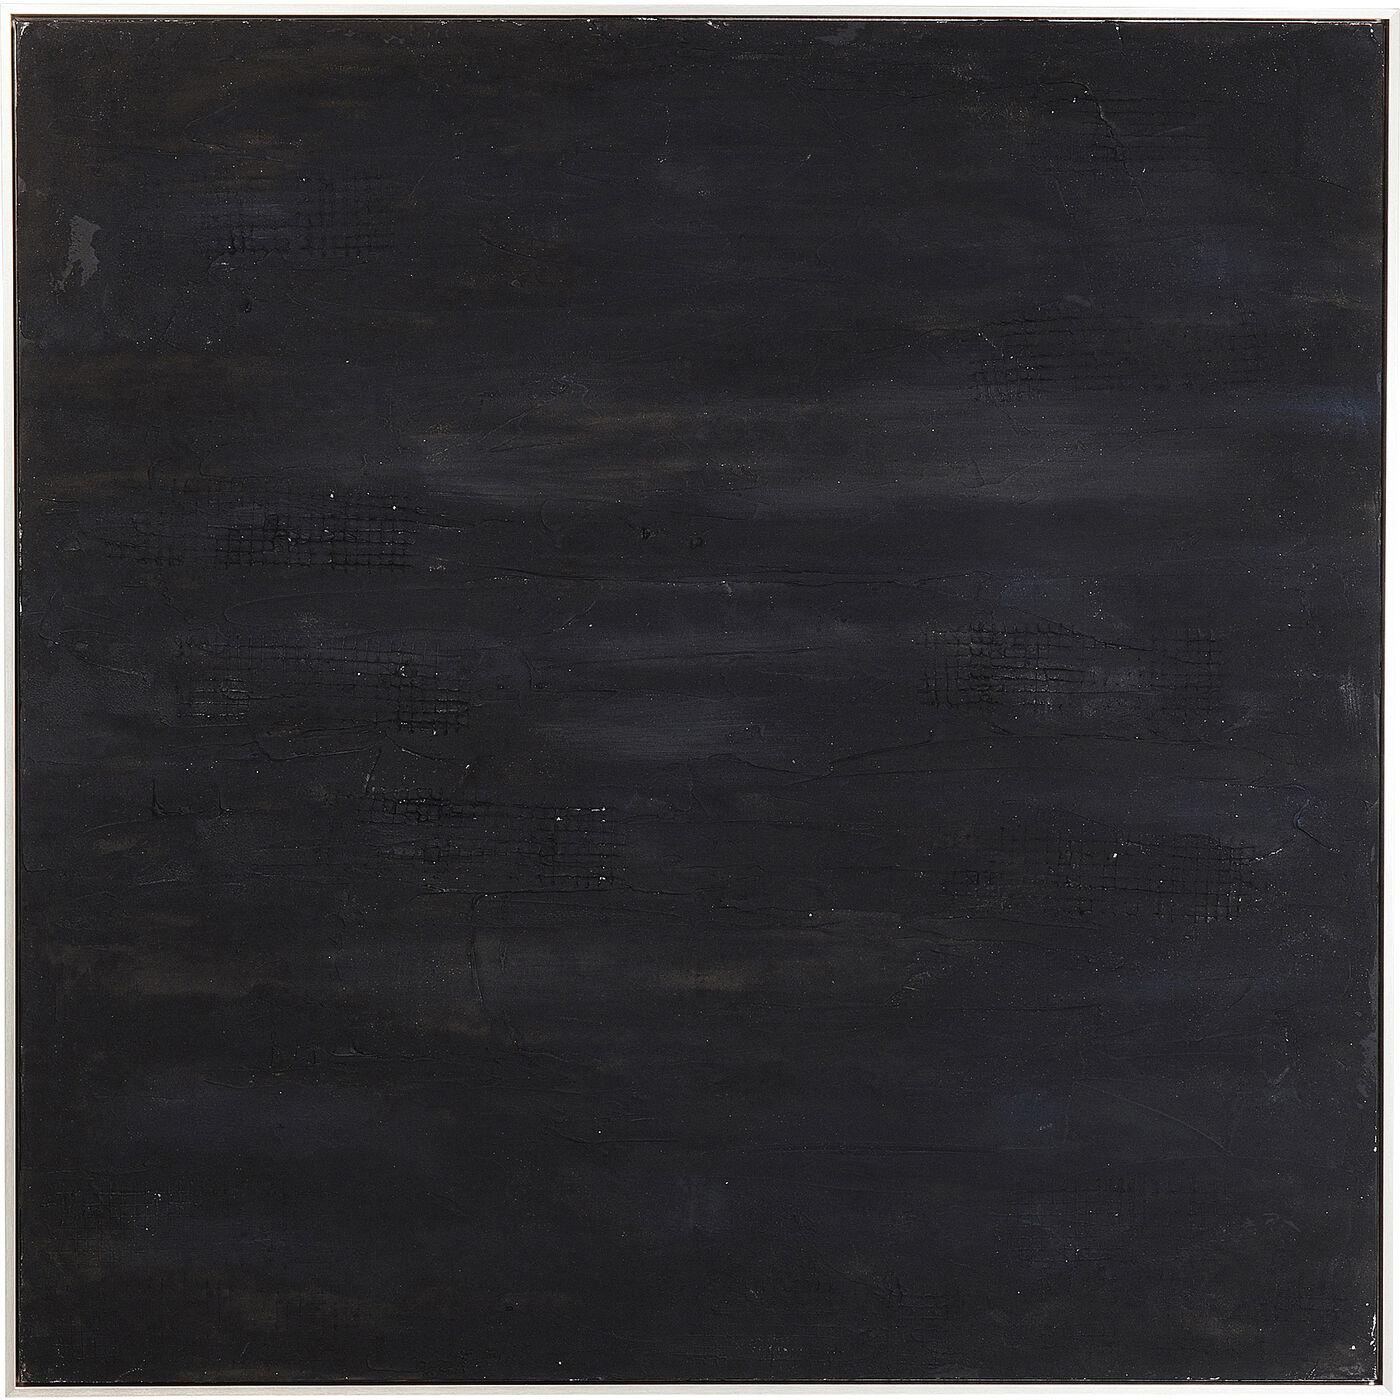 Acrylbild Abstract Deep Schwarz 155x155cm